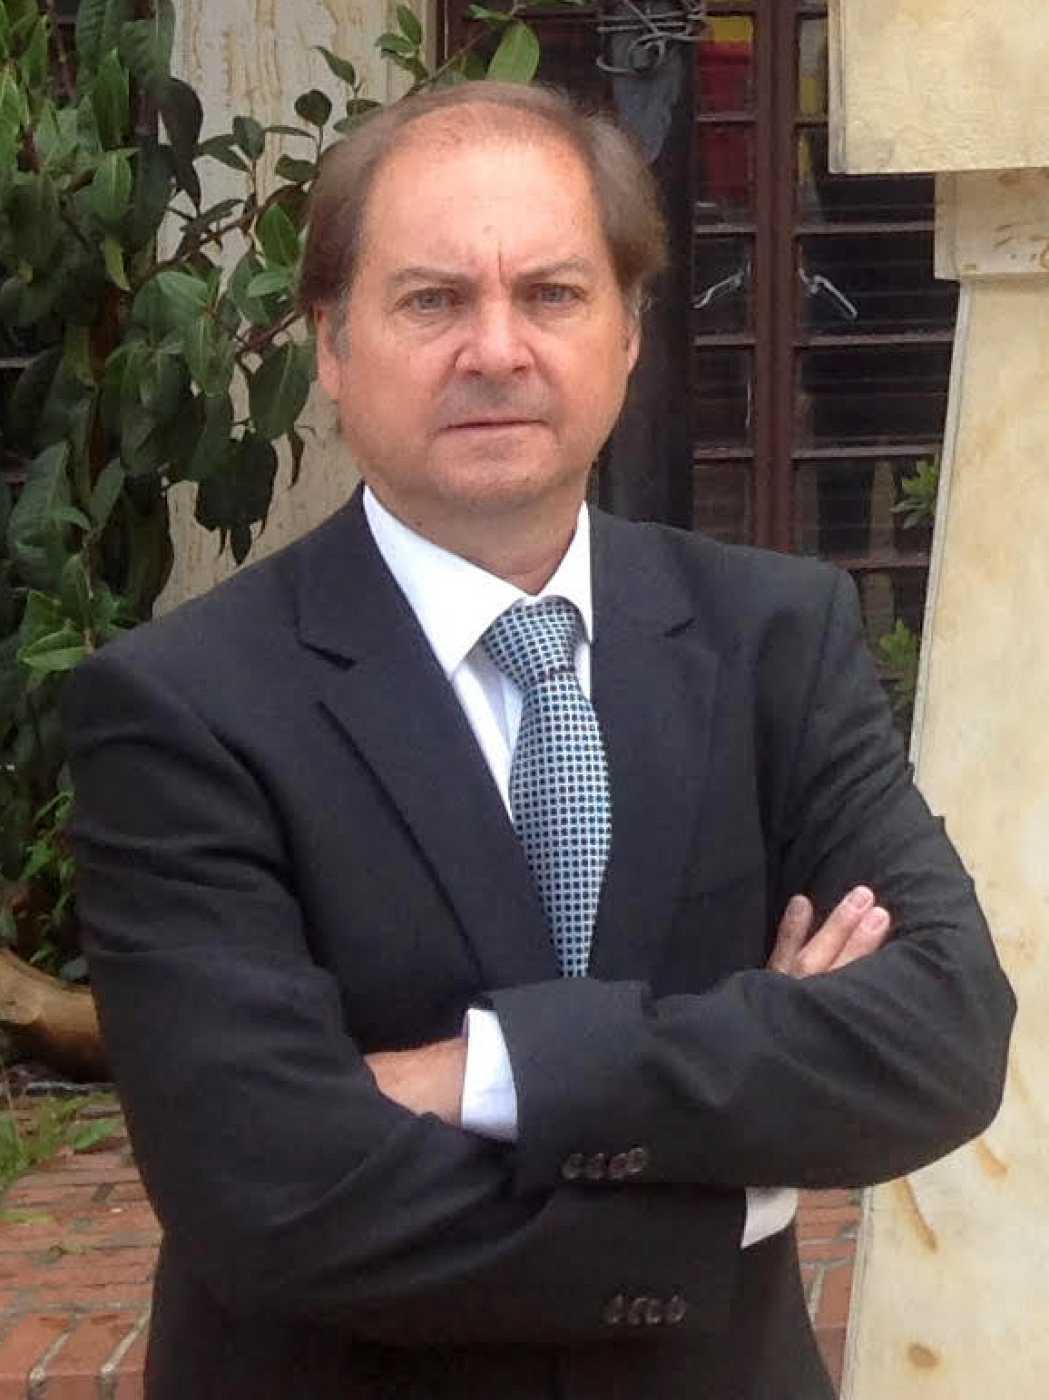 """Guillermo Portilla: """"En Cataluña no hubo ni rebelión ni sedición"""" - Escuchar ahora"""